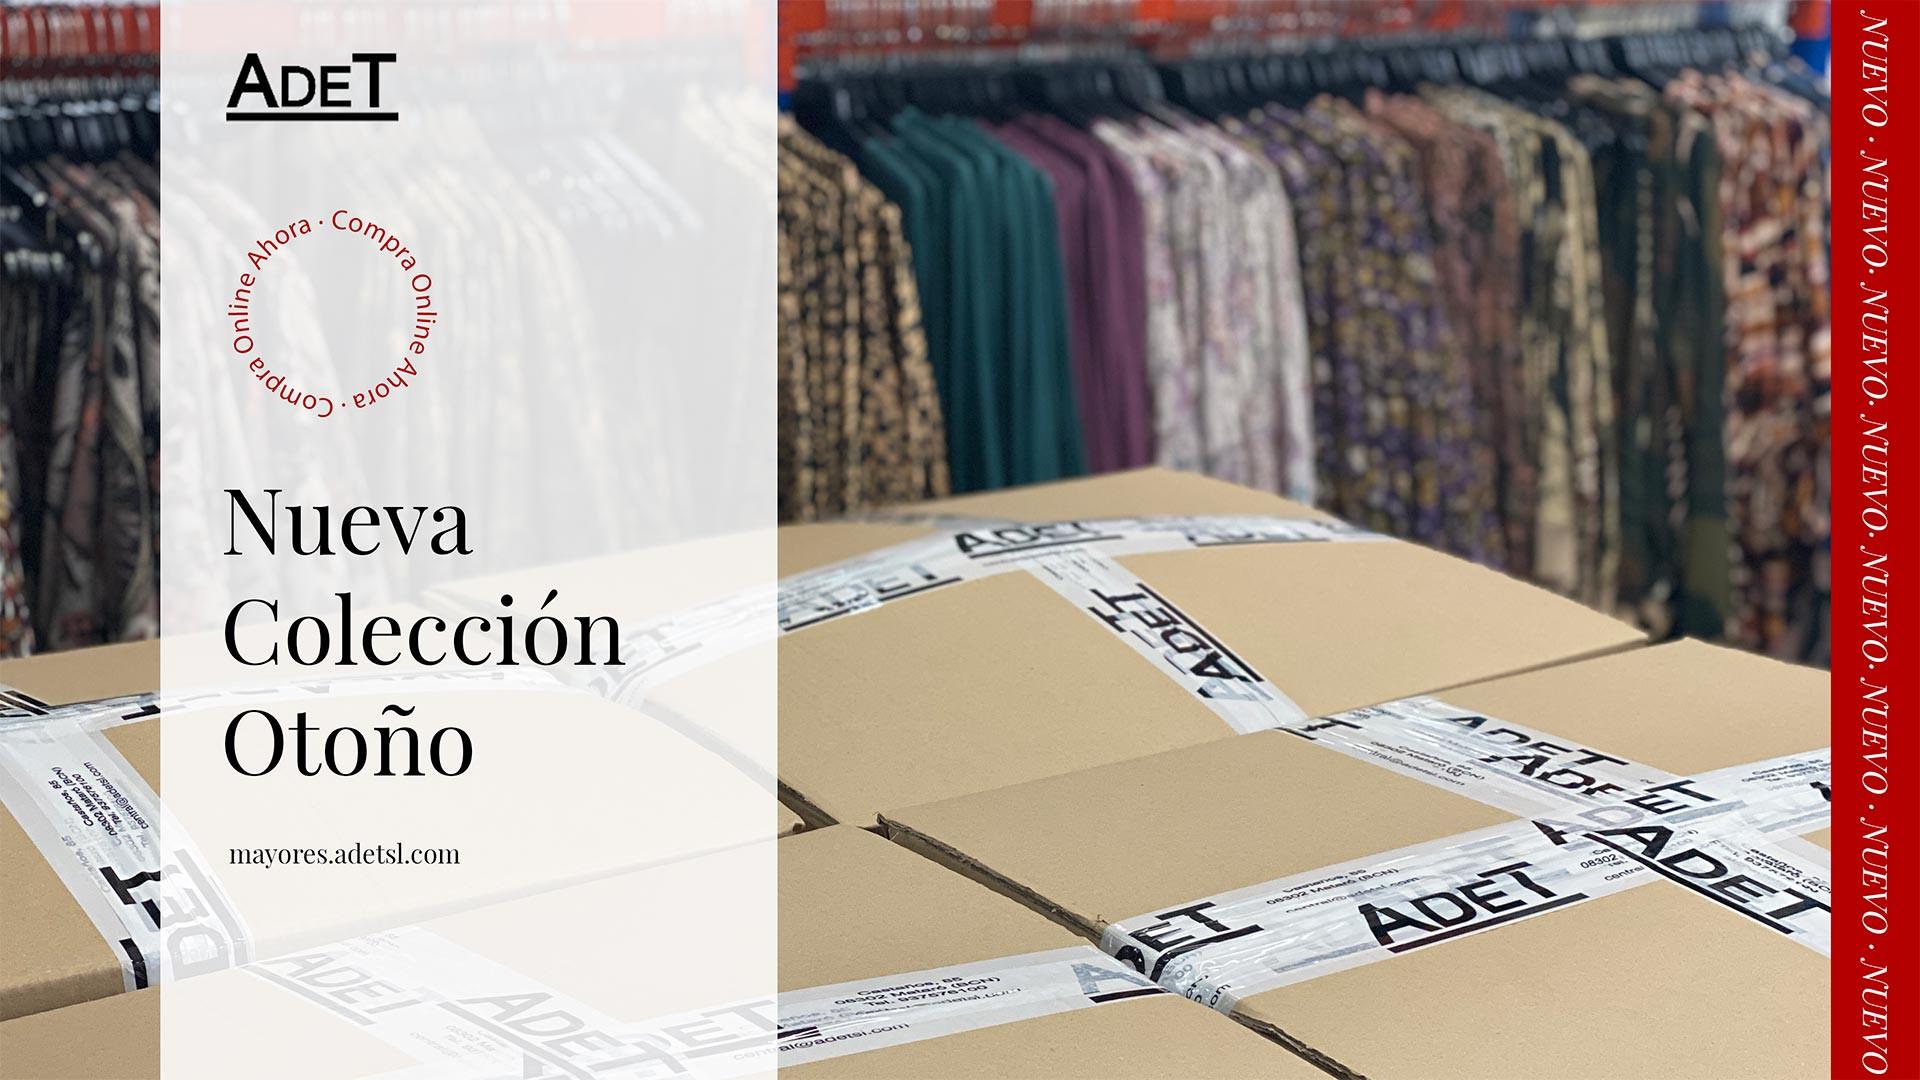 adet nueva coleccion ropa